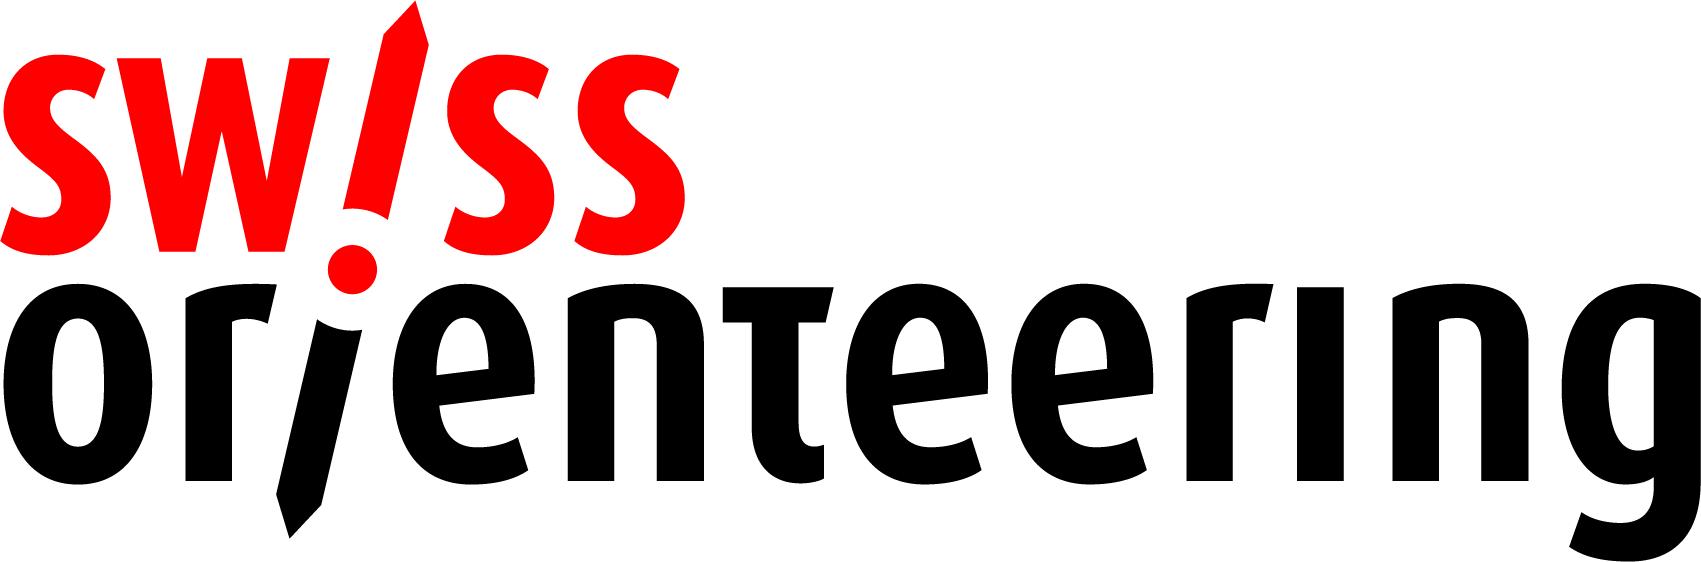 Swiss Orienteering